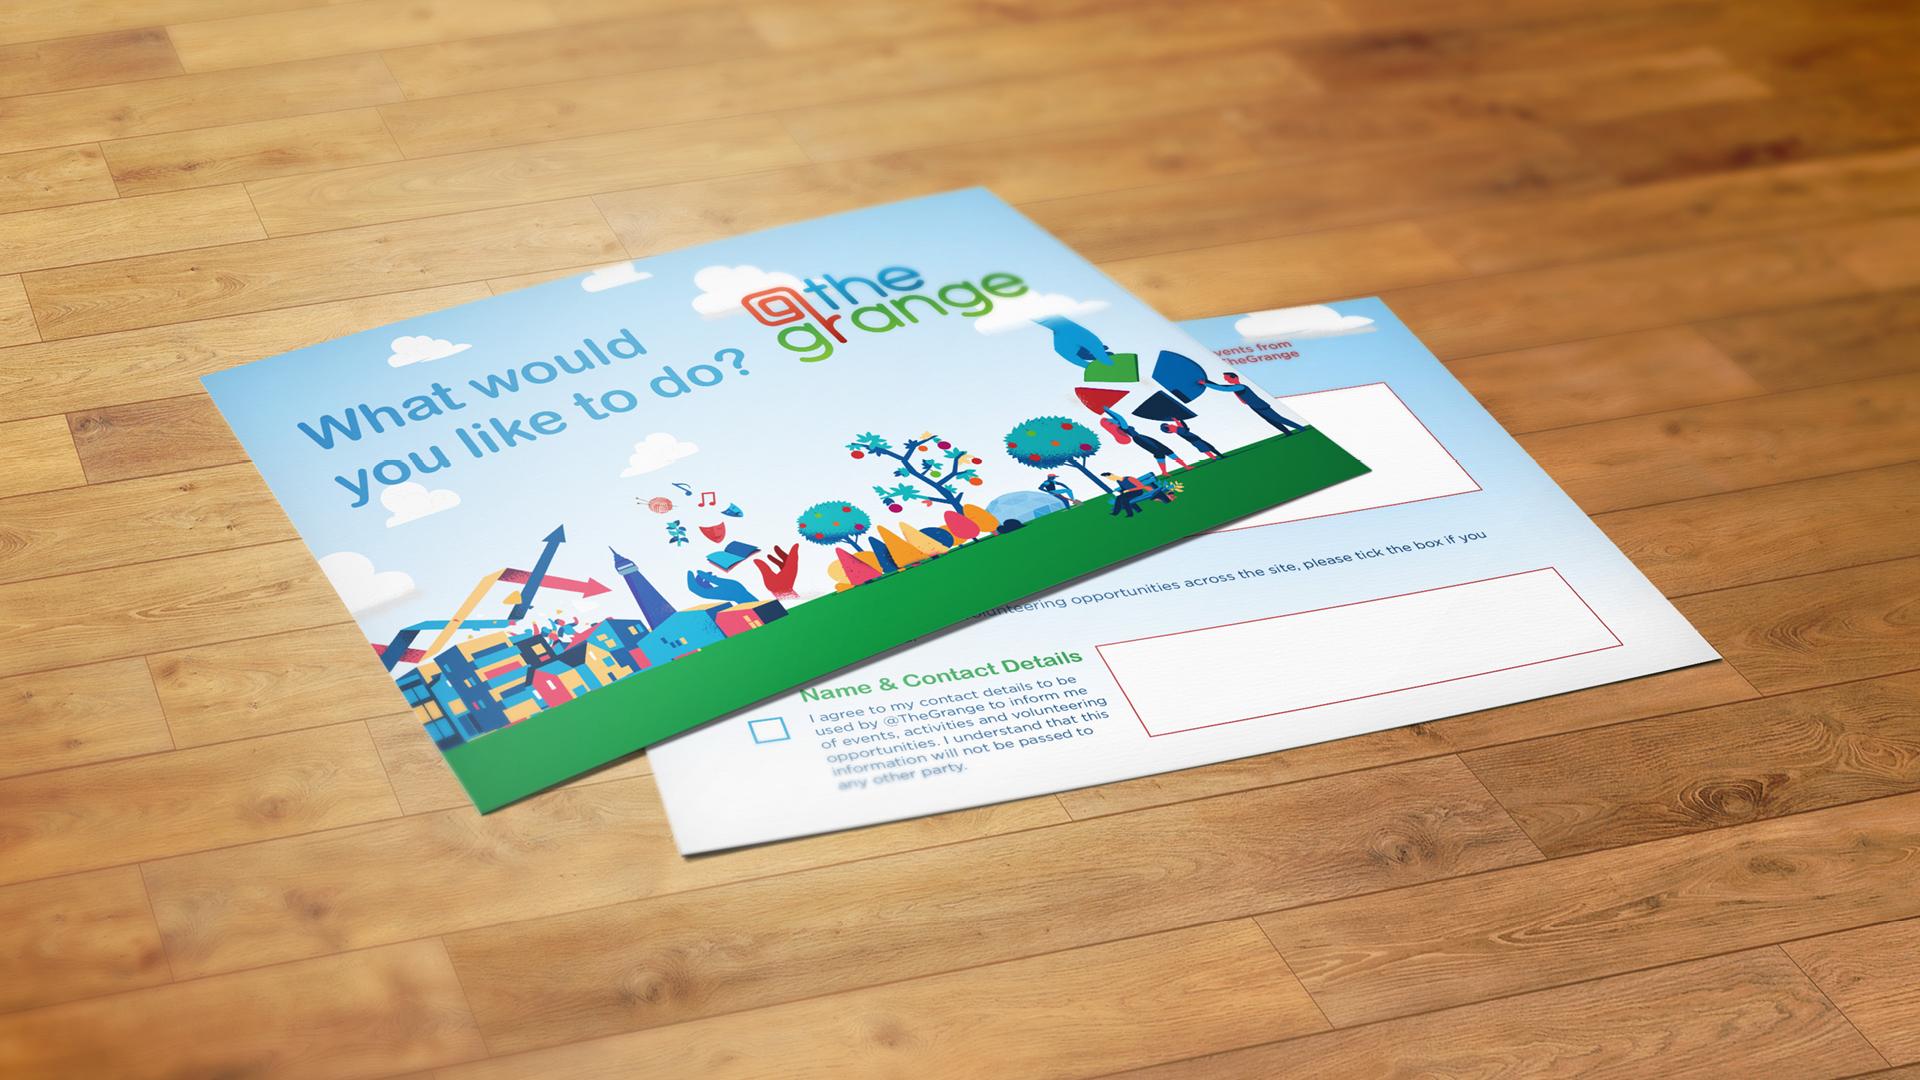 At the Grange leaflet design